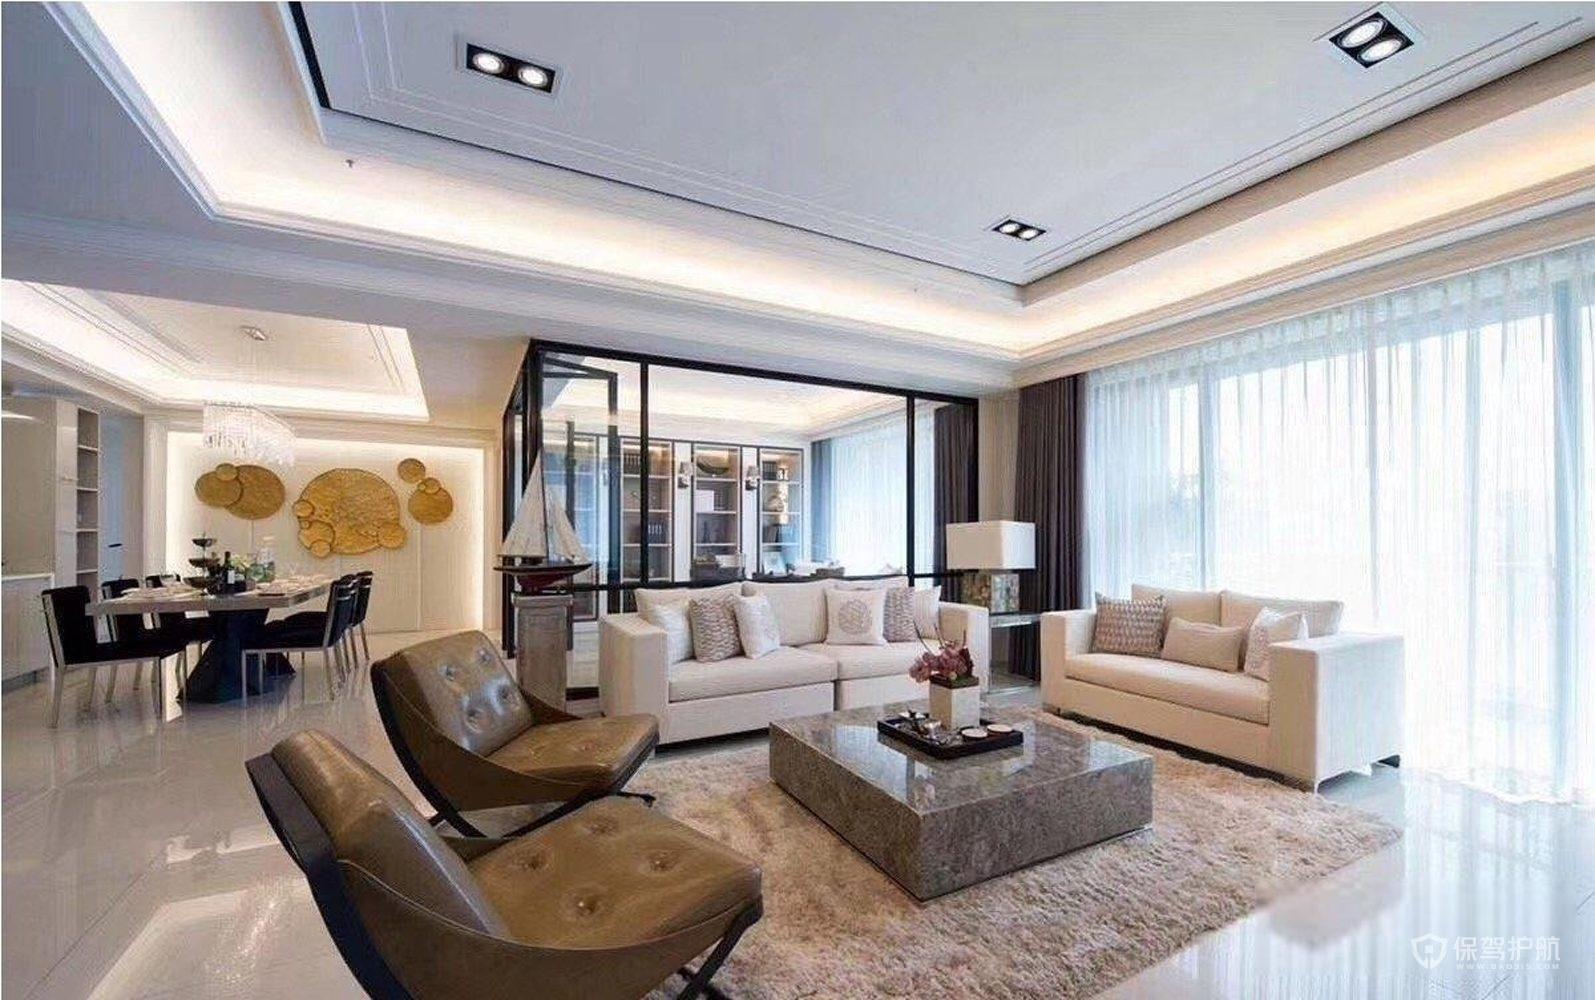 新古典风三居室客厅落地窗装修效果图…